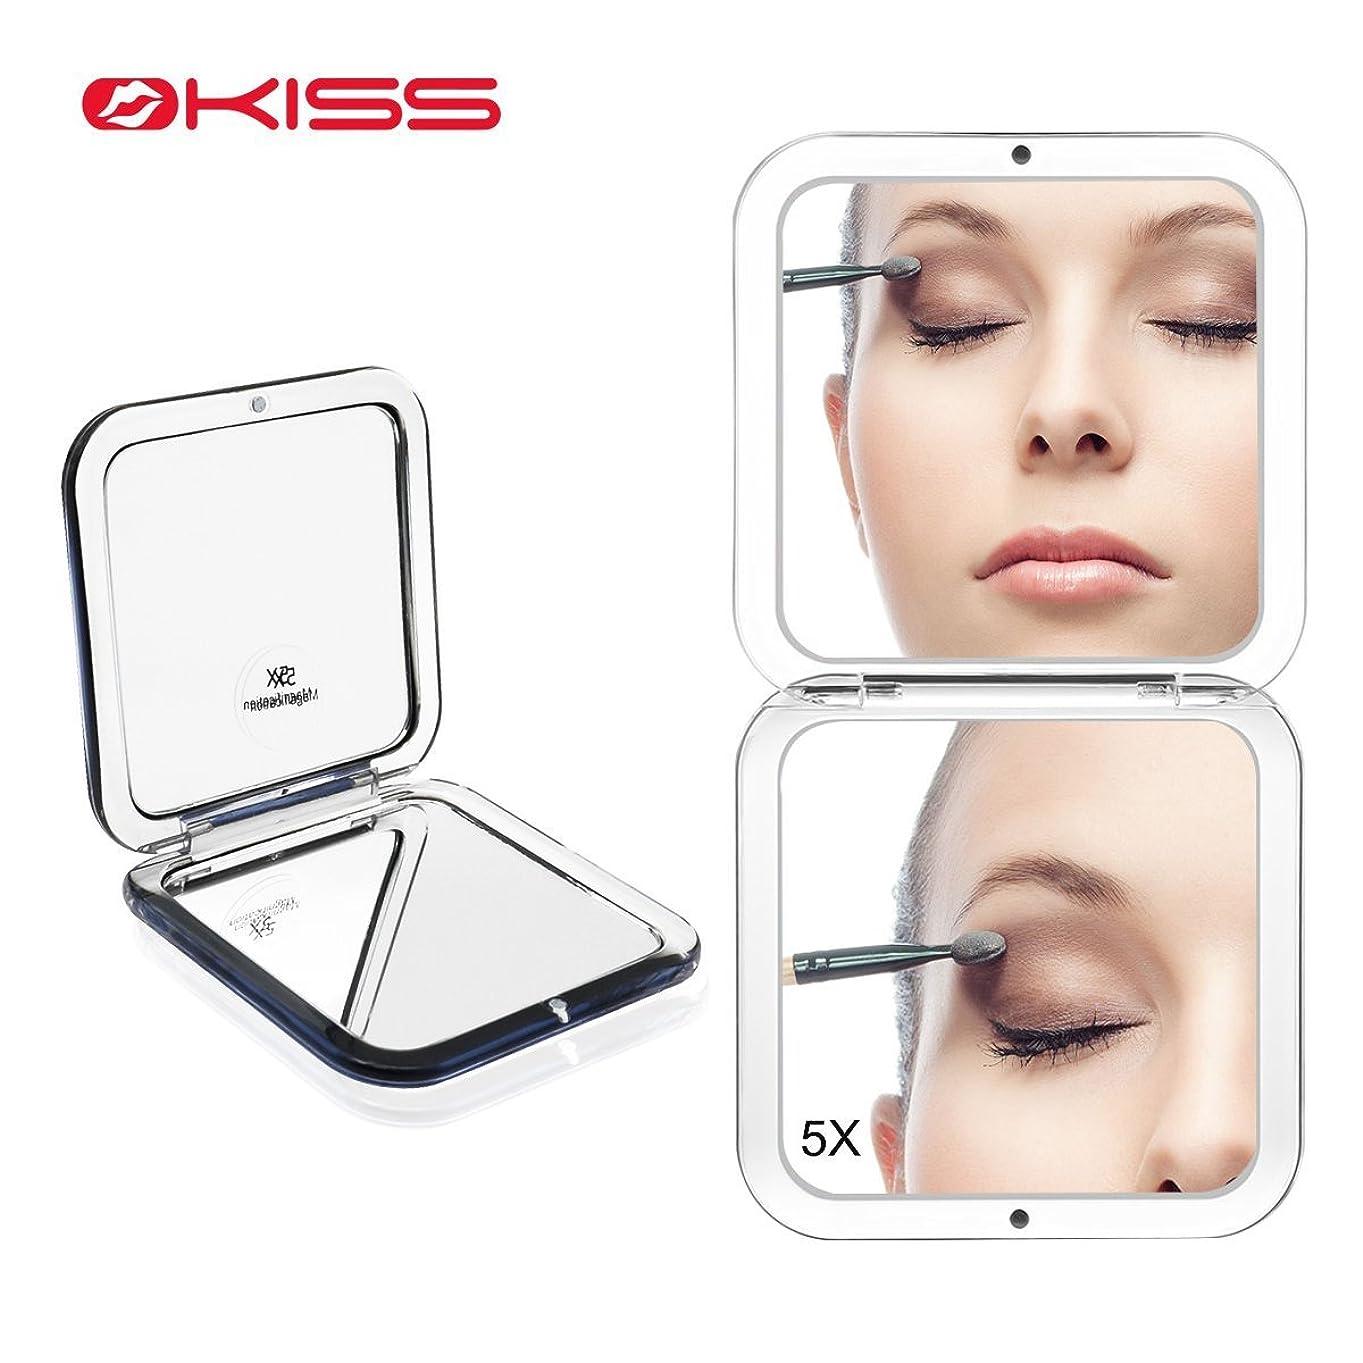 気分壁紙盲信OKISS コンパクトミラー 化粧鏡 ミラー 5倍拡大鏡+等倍鏡 ハンドミラー 手鏡 両面 メンズ 携帯ミラー 折りたたみ おしゃれ 外出 持ち運び便利